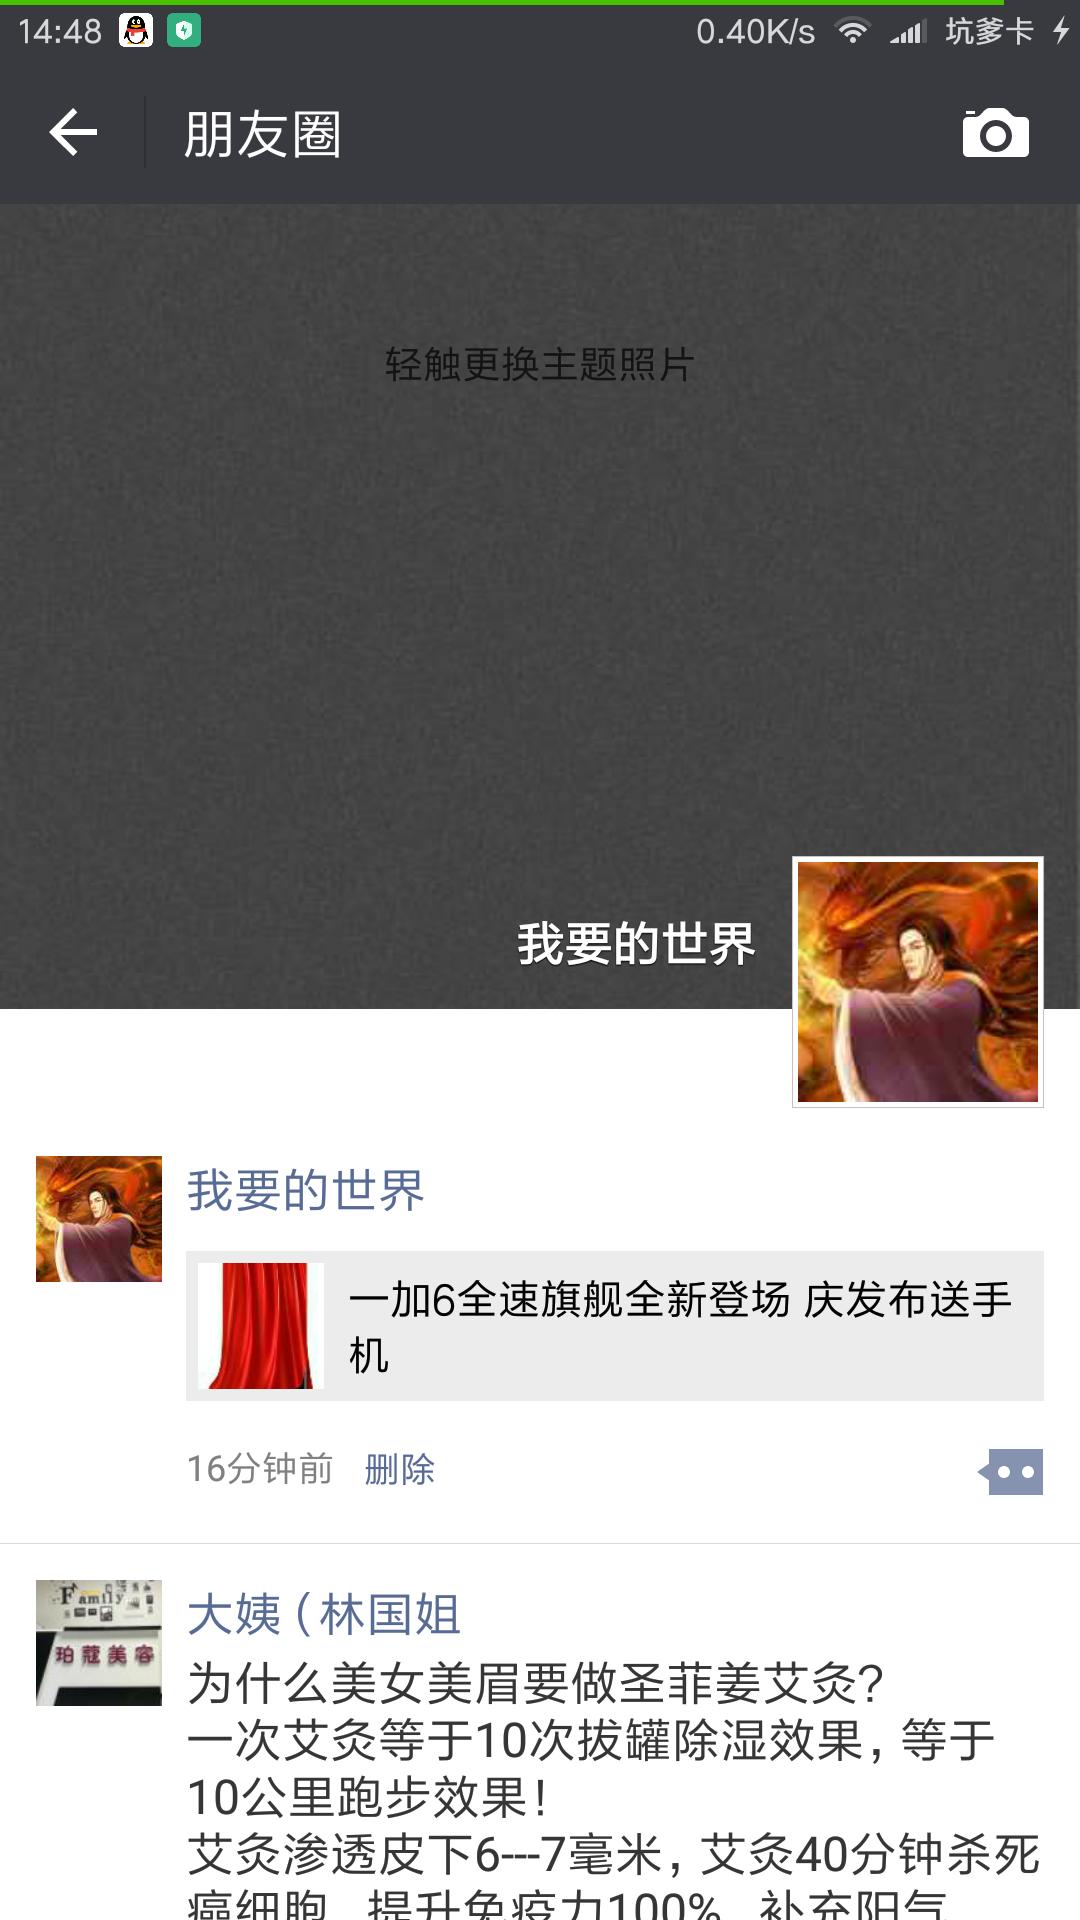 Screenshot_2018-05-17-14-48-25-252_com.tencent.mm.png